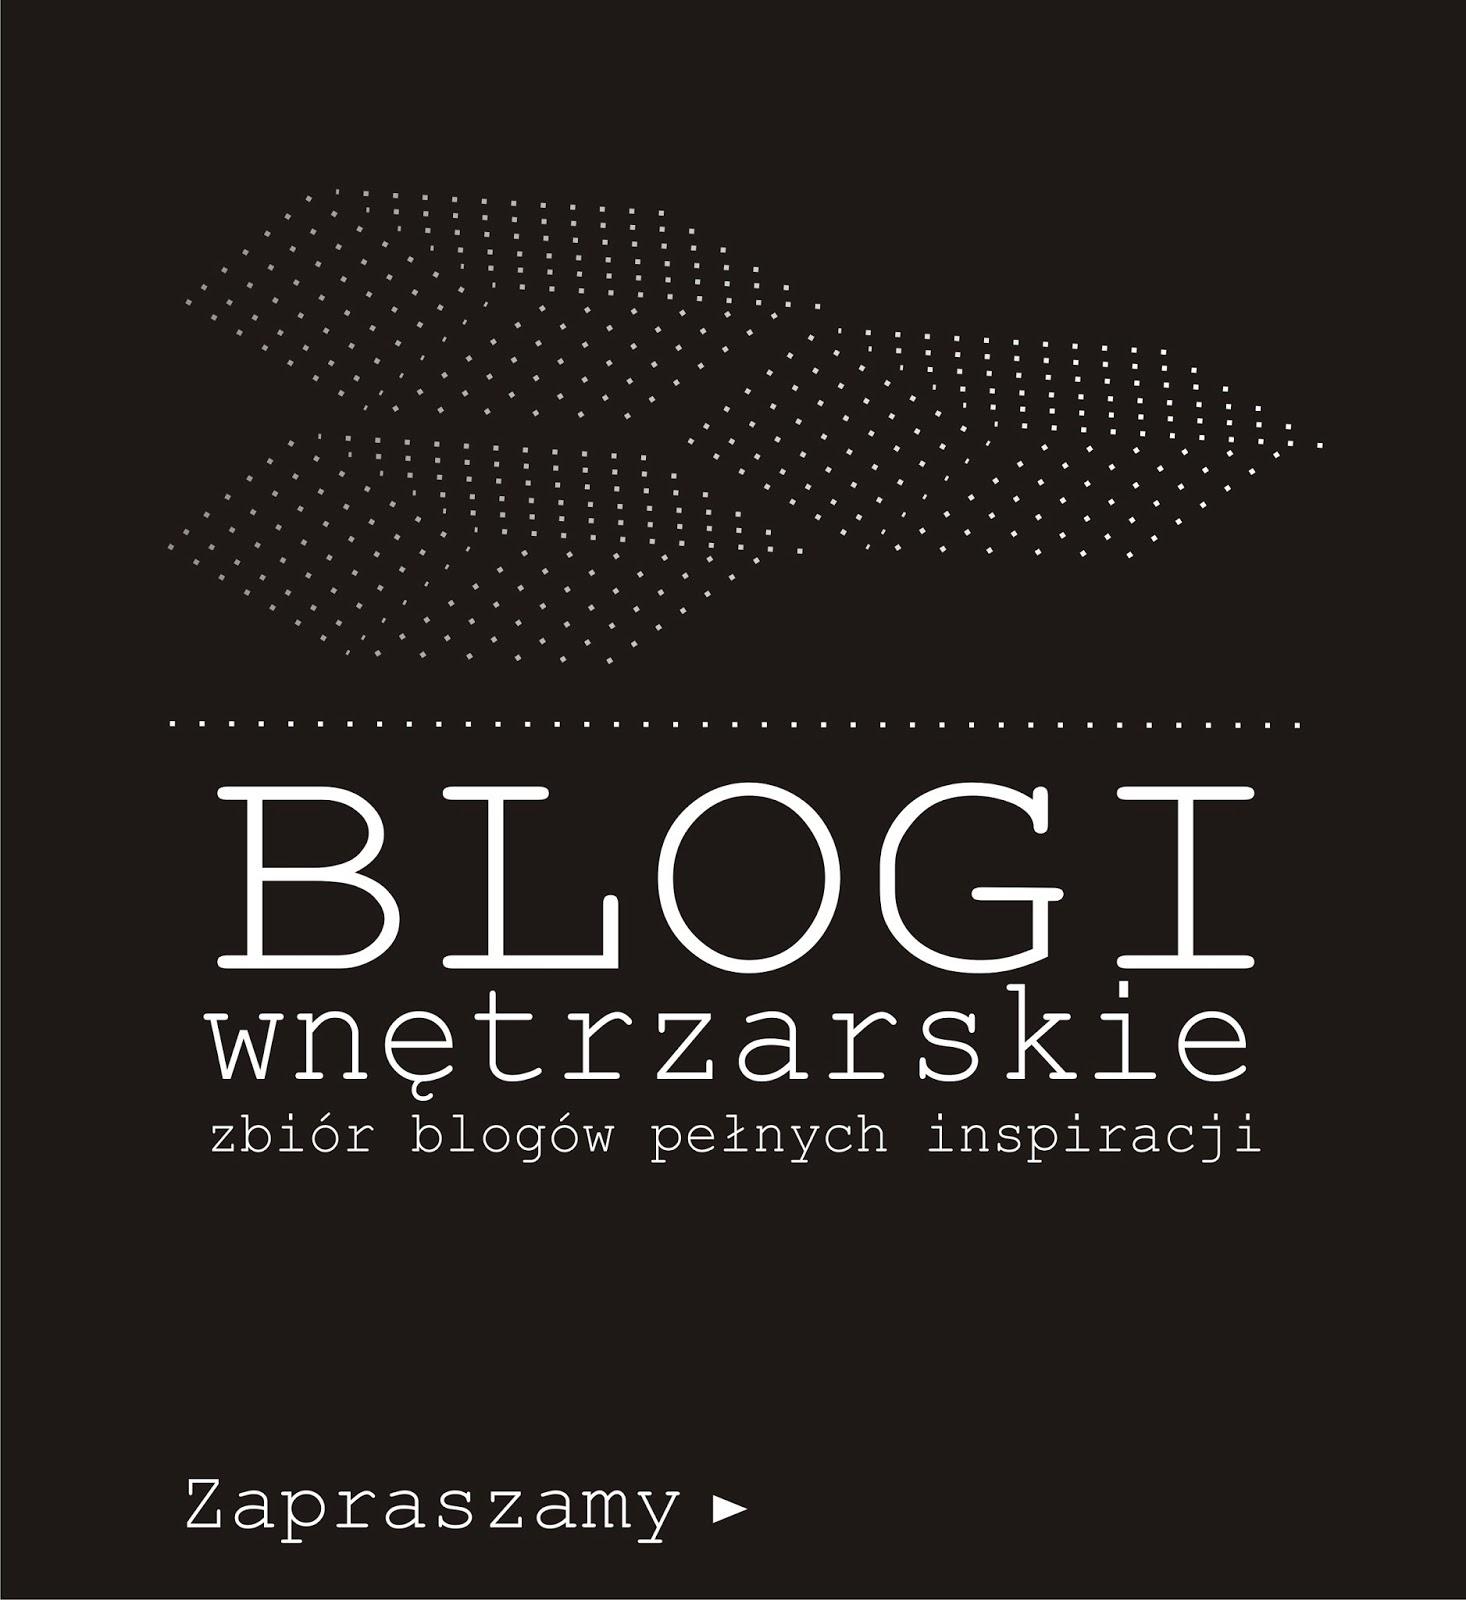 Blogi Wnetrzarskie